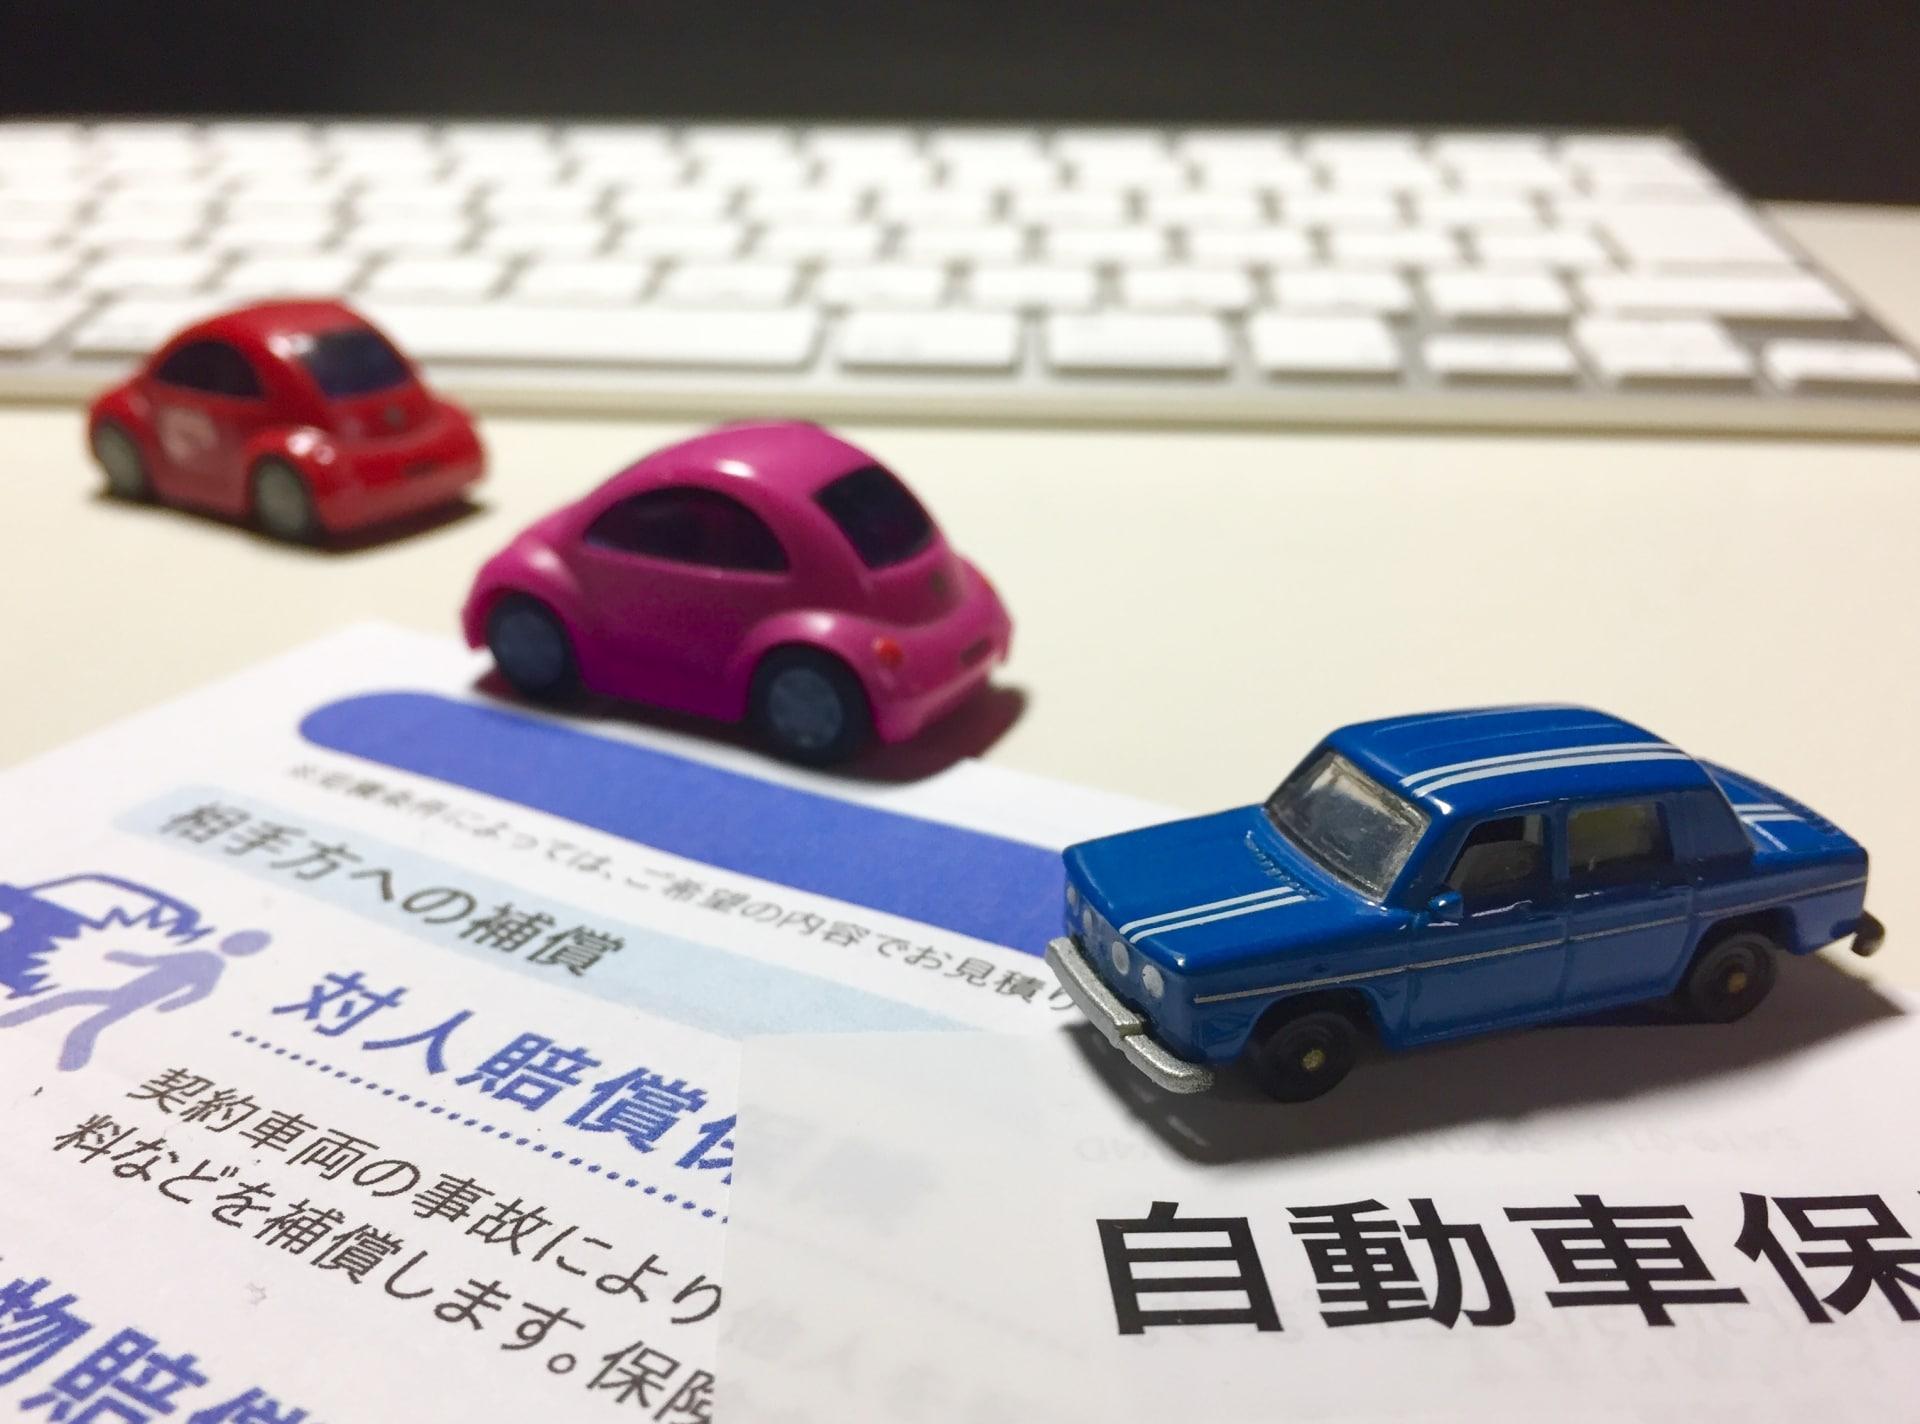 自動車保険検討イメージ